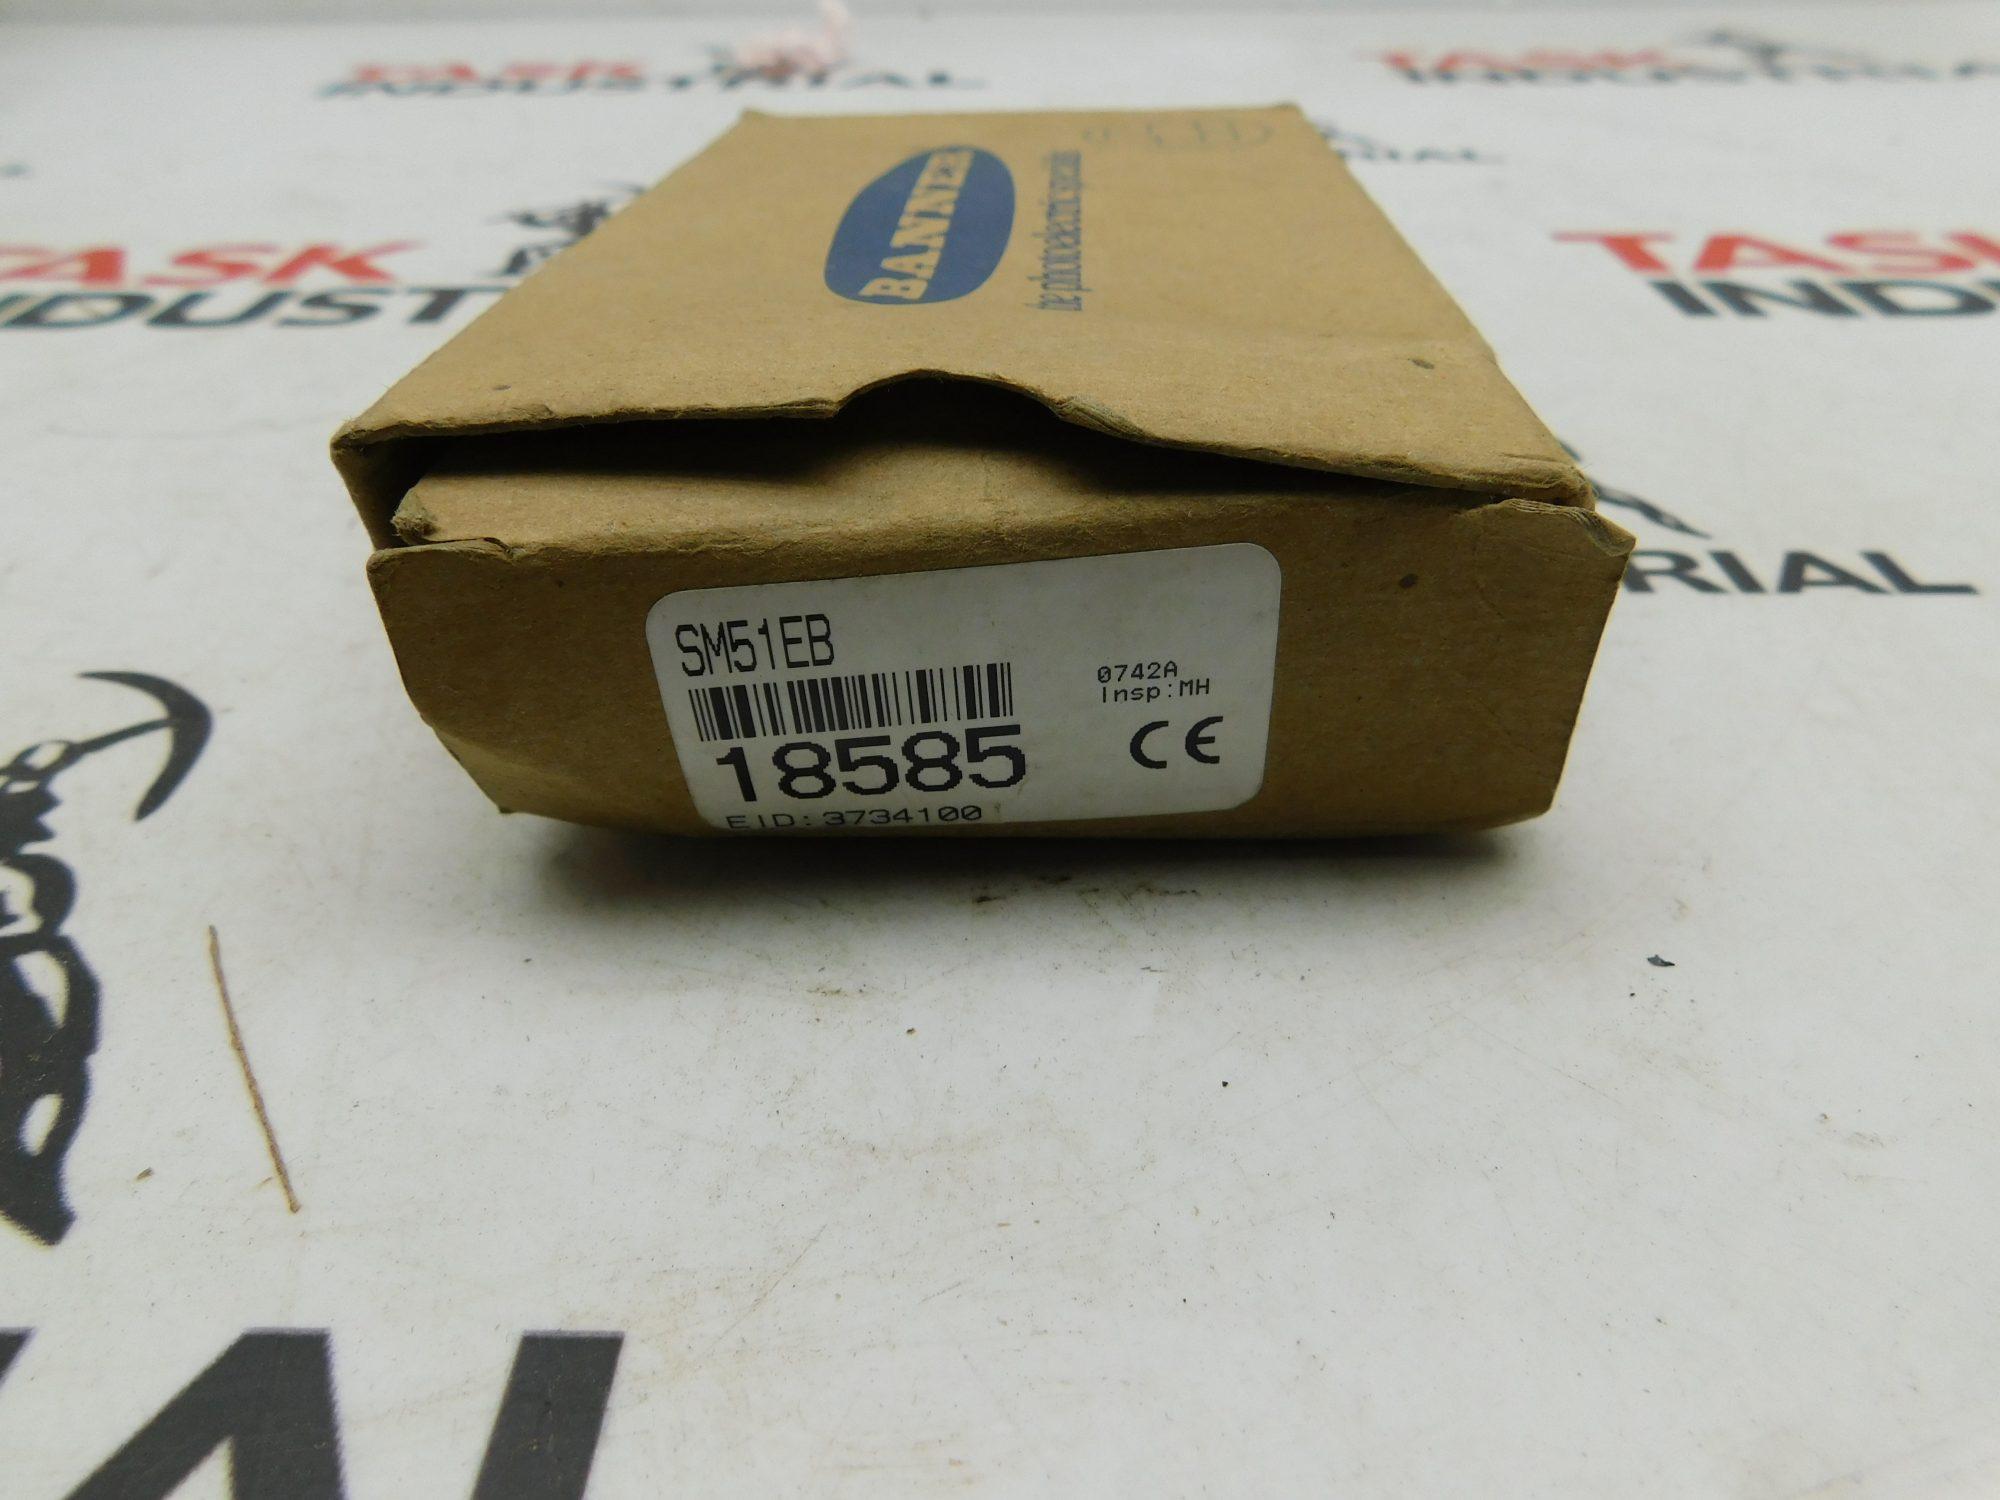 Banner 18585 SM51EB LED Scanner